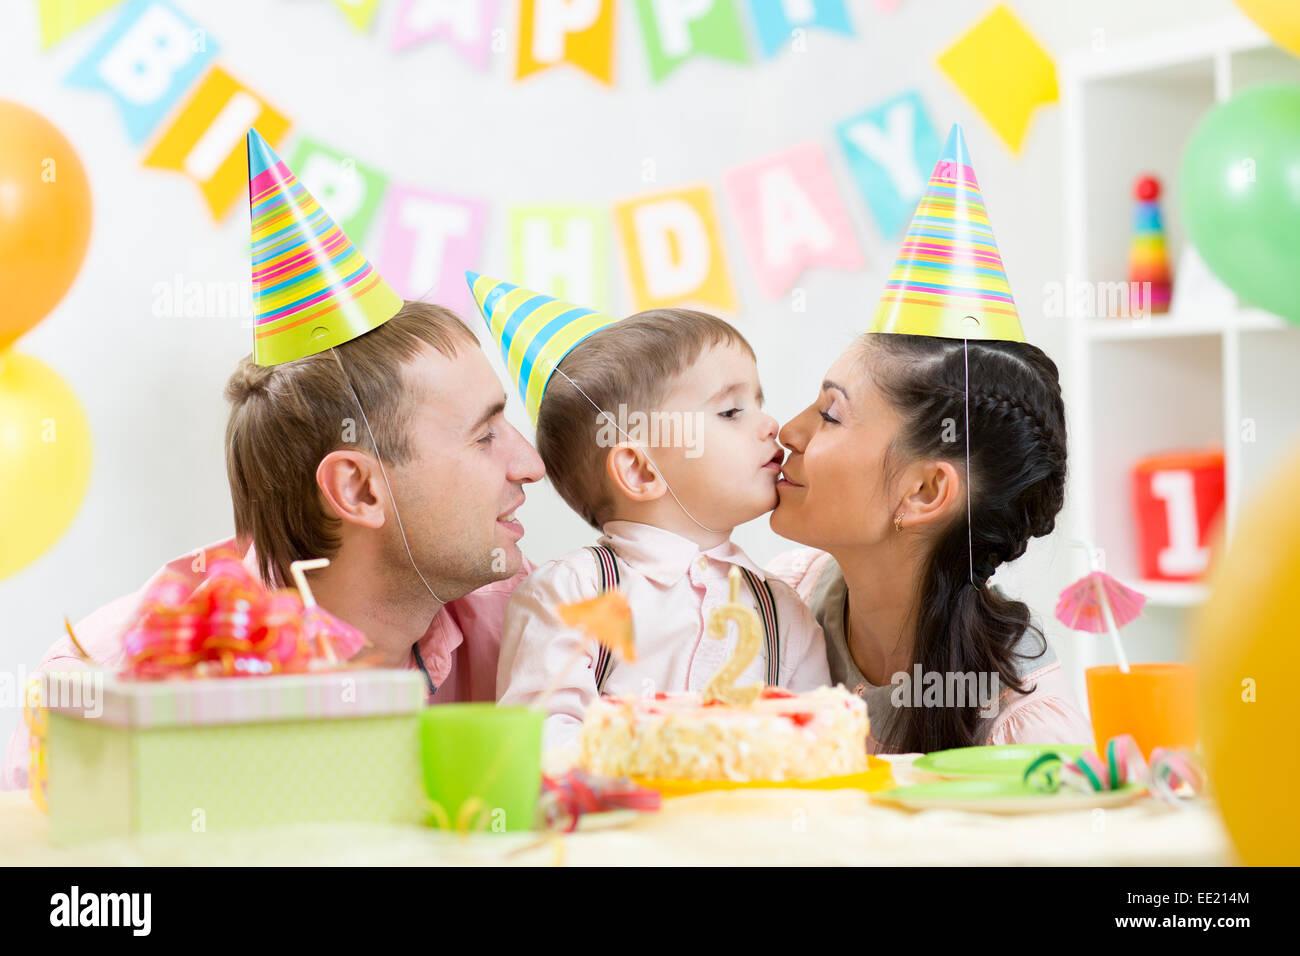 Eltern Kussen Ihren Sohn Feiert Geburtstag Stockfoto Bild 77491476